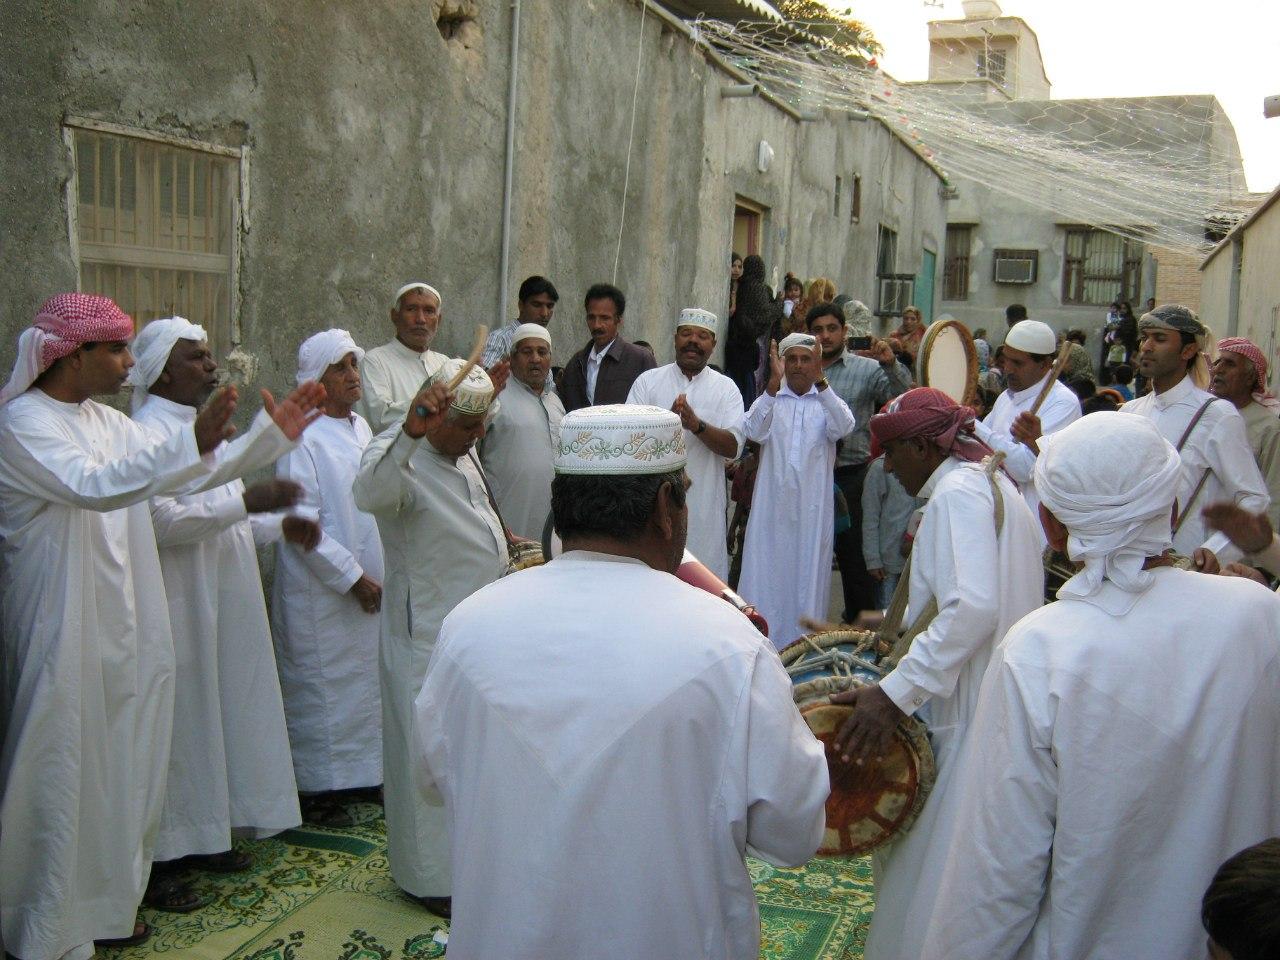 предсвадебный обряд арабов